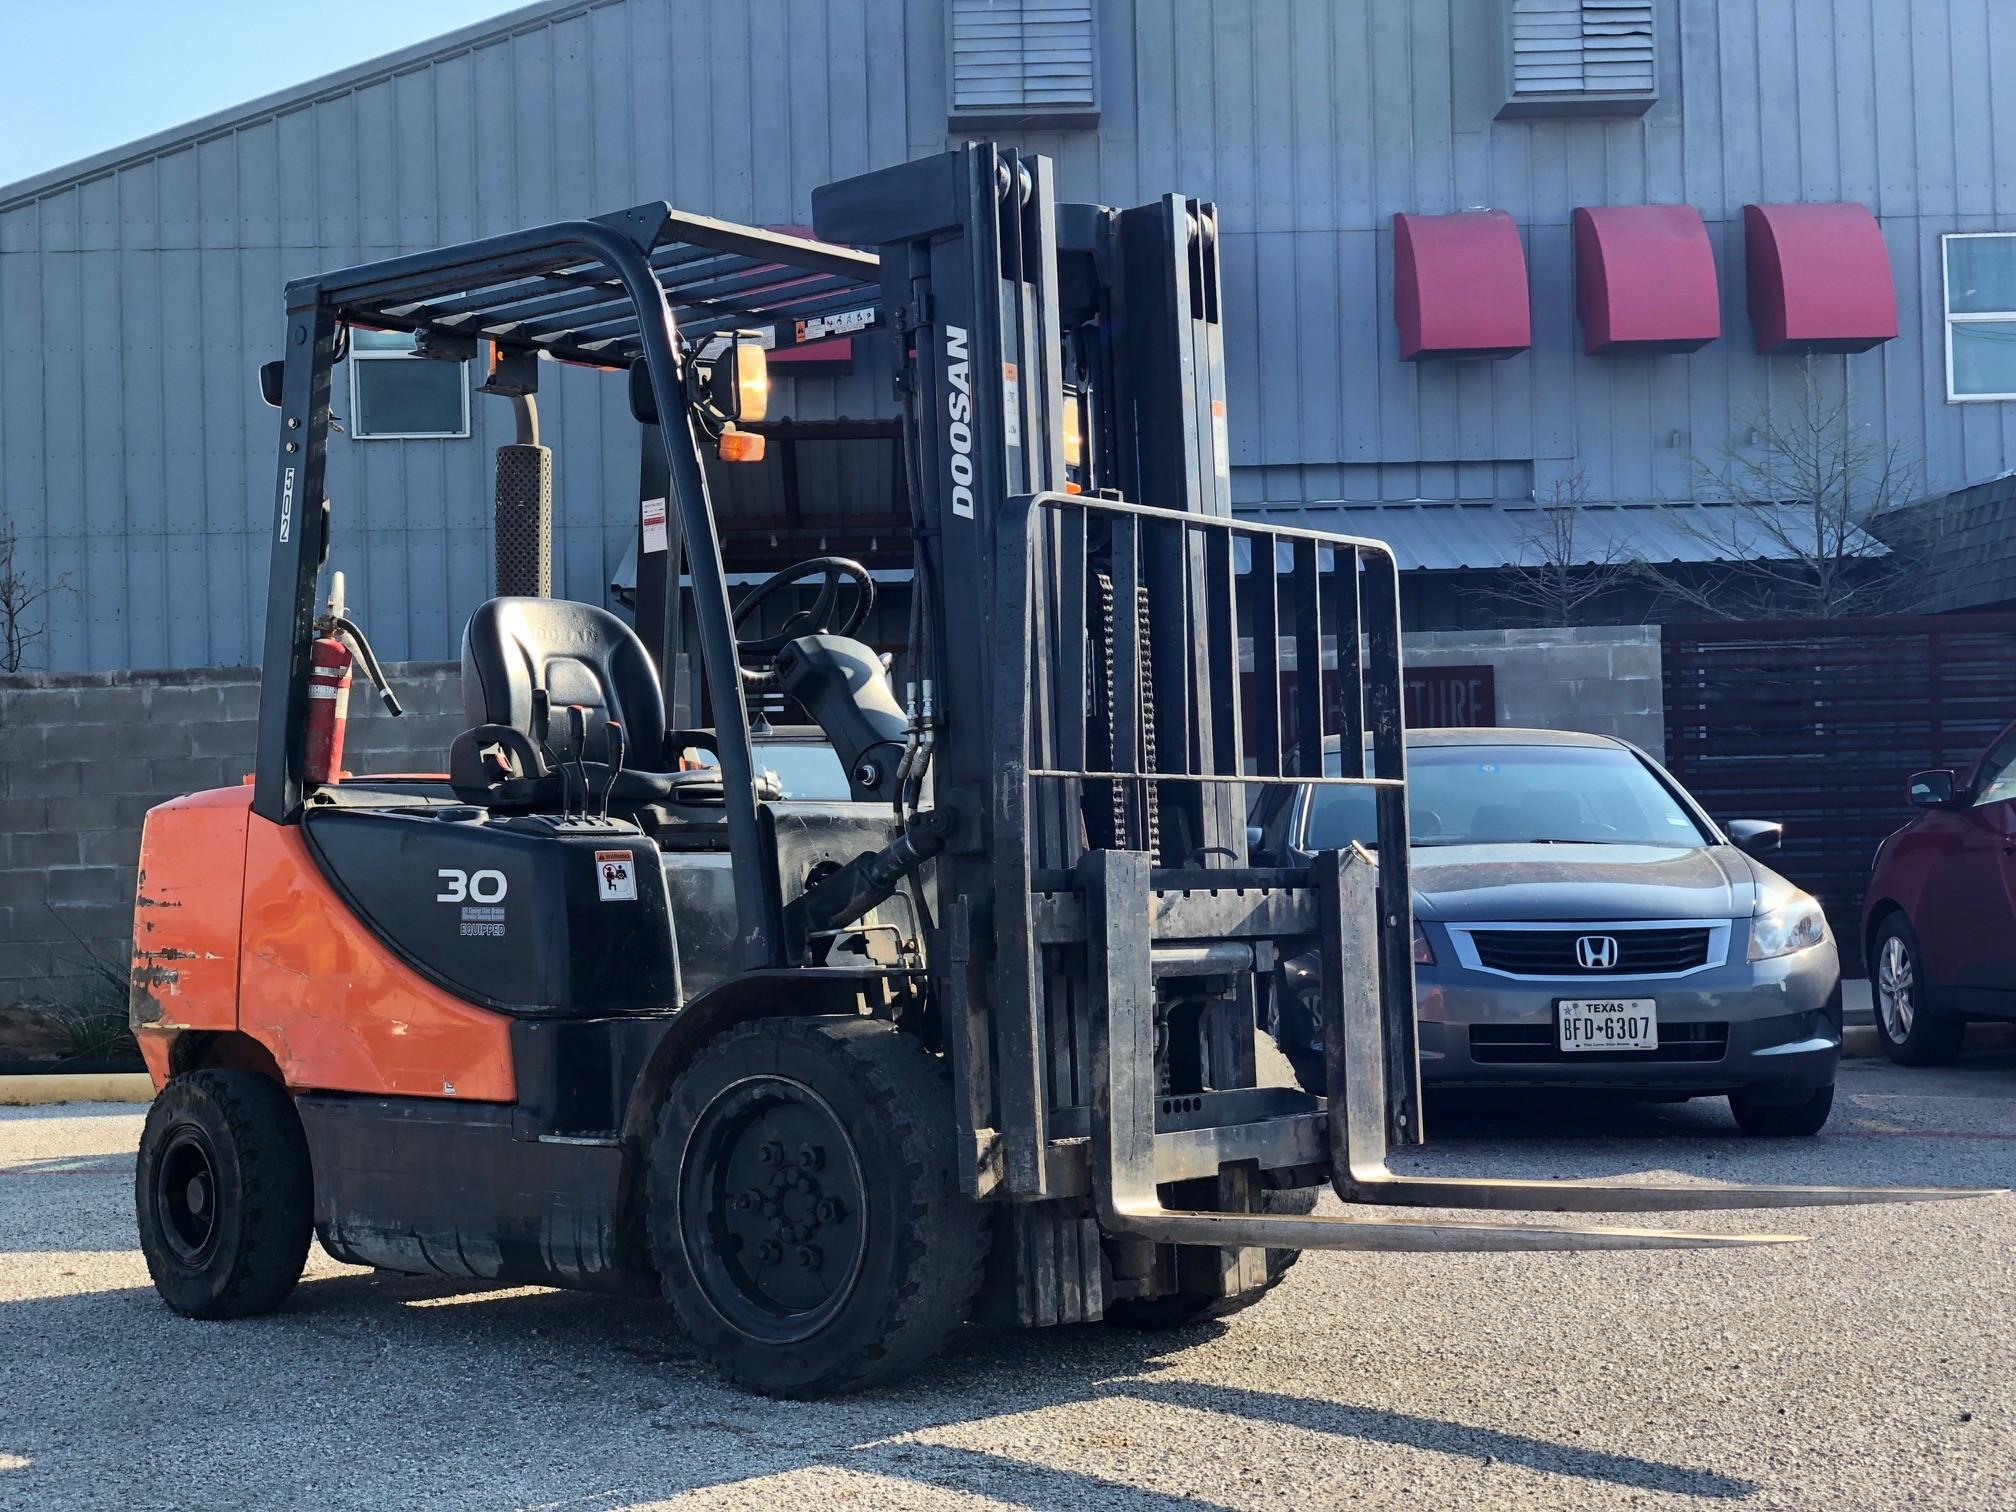 Pallet Jack, Forklft & Lift Truck Dealer | New & Used